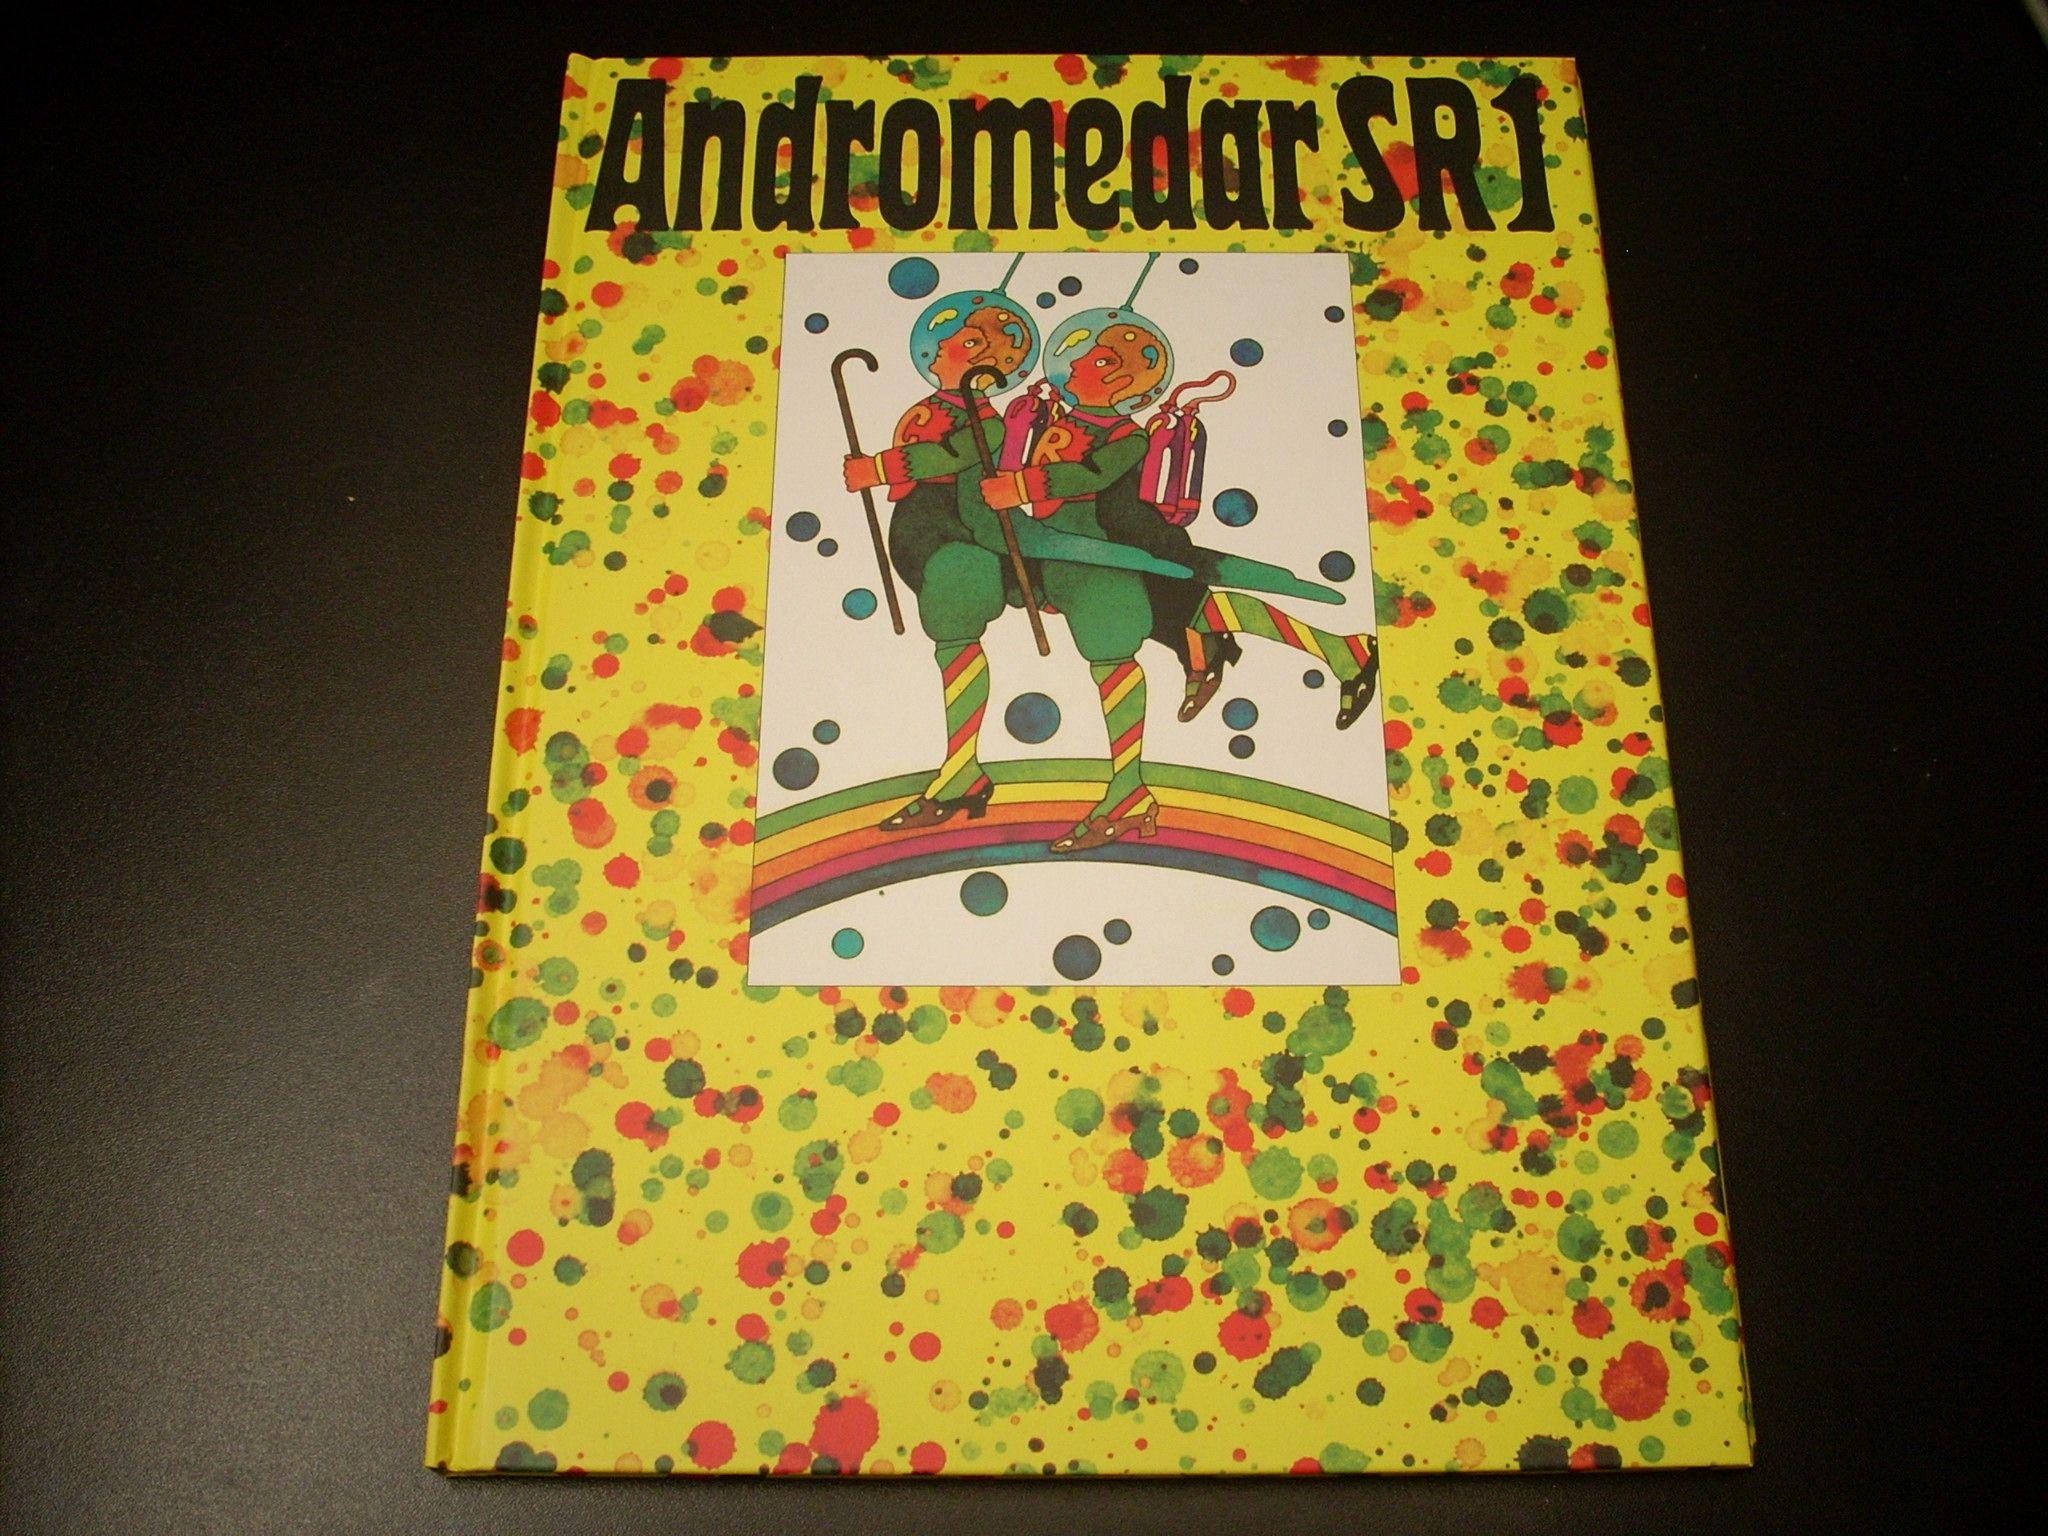 Que Me Los Pido Por Reyes 3 Super Libros Para Niños Como Nosotros Libros Para Niños Niños Y Libros